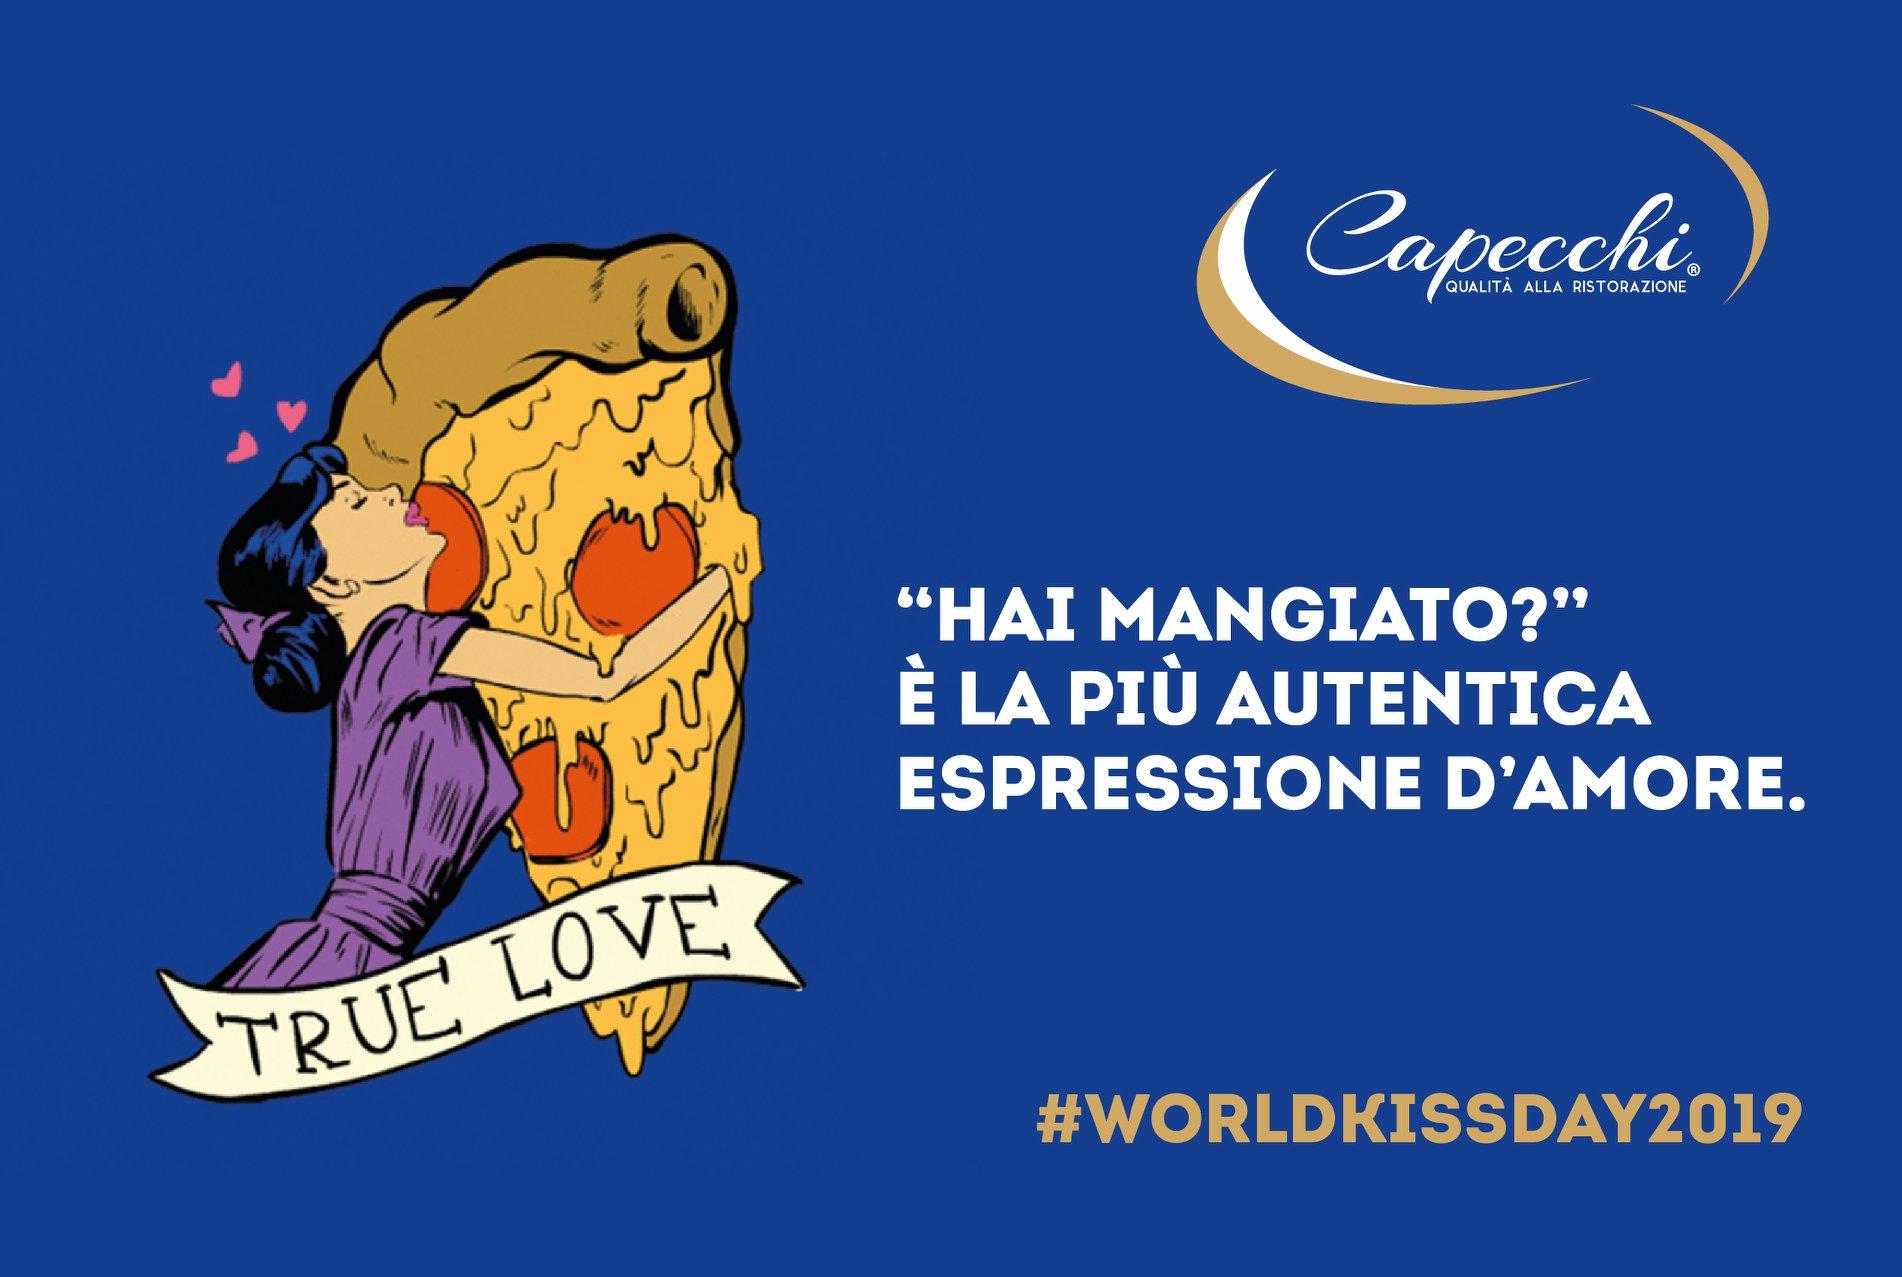 world kiss day capecchi